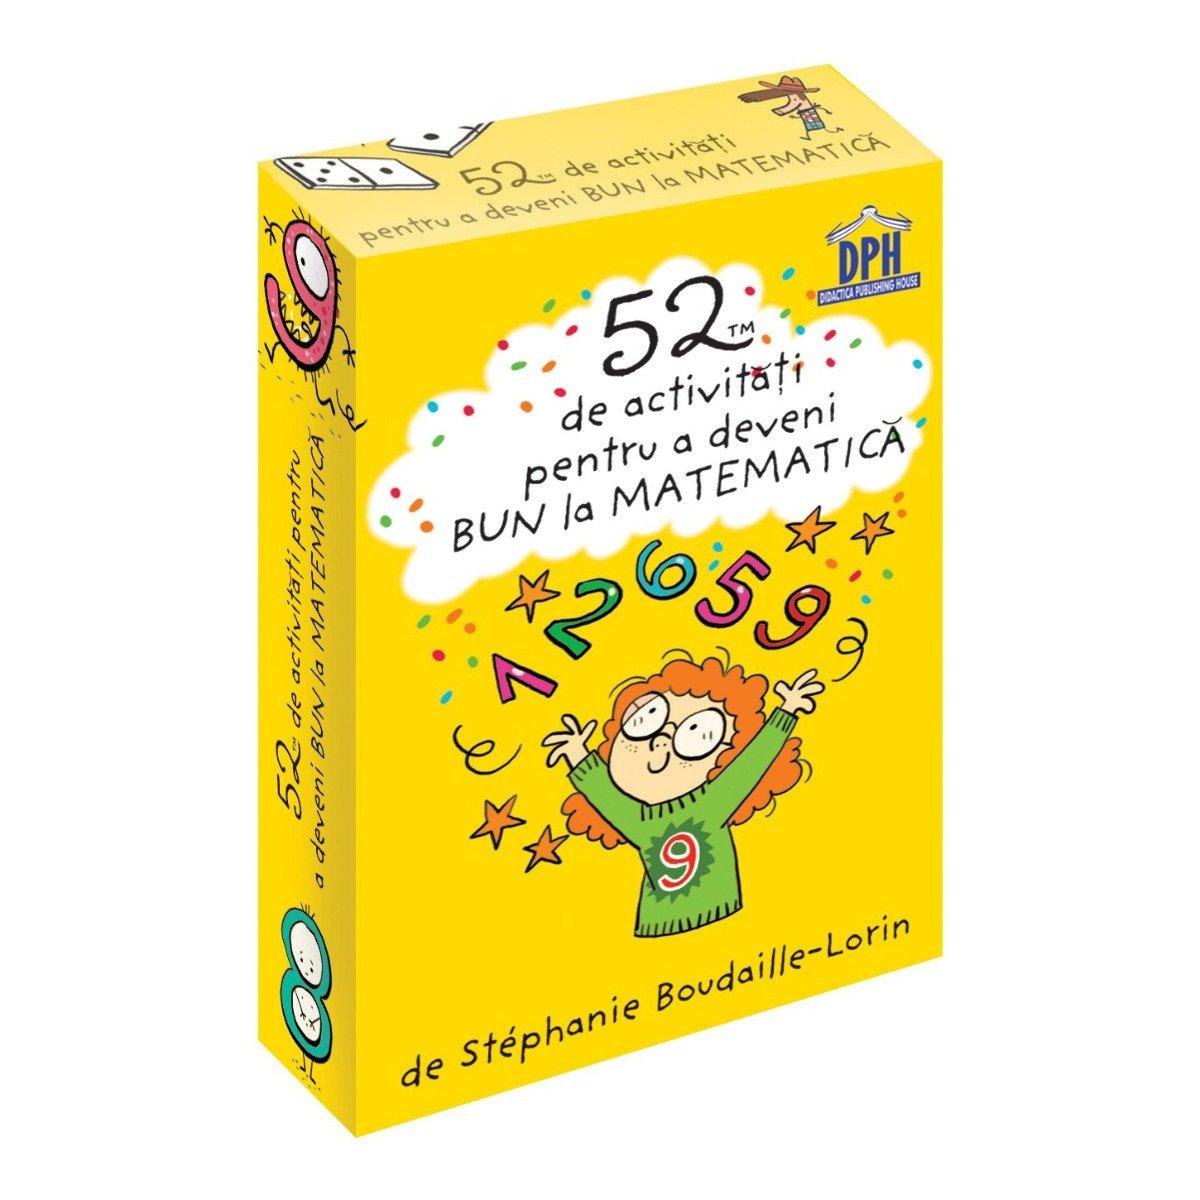 52 jetoane pentru a deveni bun la matematica, Editura DPH